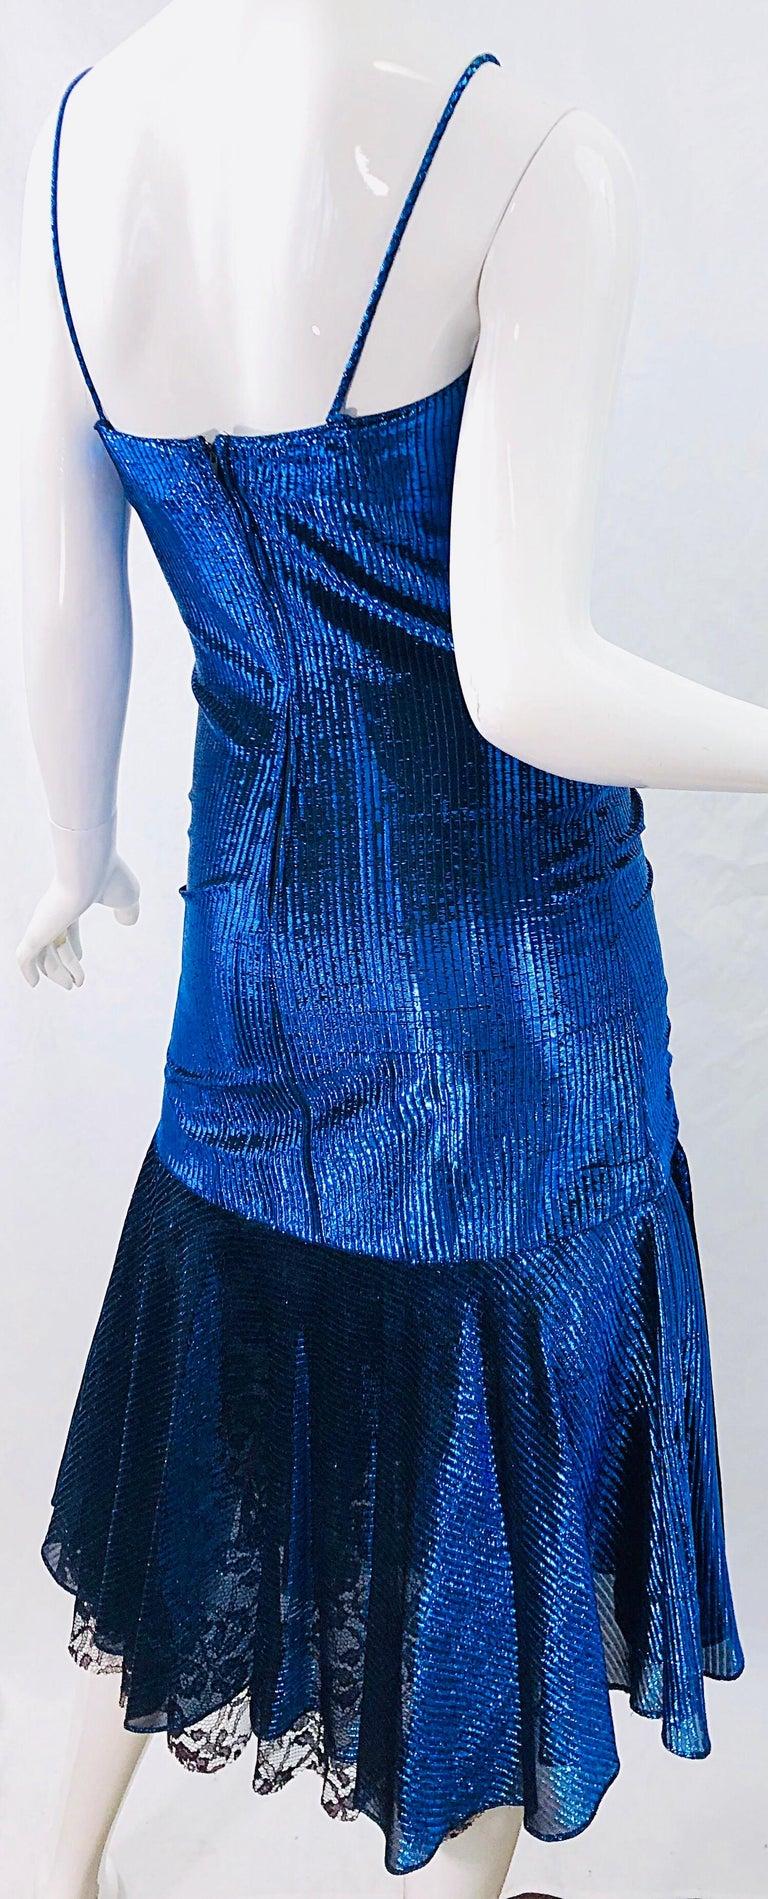 1980s Samir Electric Blue Lurex + Black Lace Handkerchief Hem Vintage 80s Dress For Sale 6